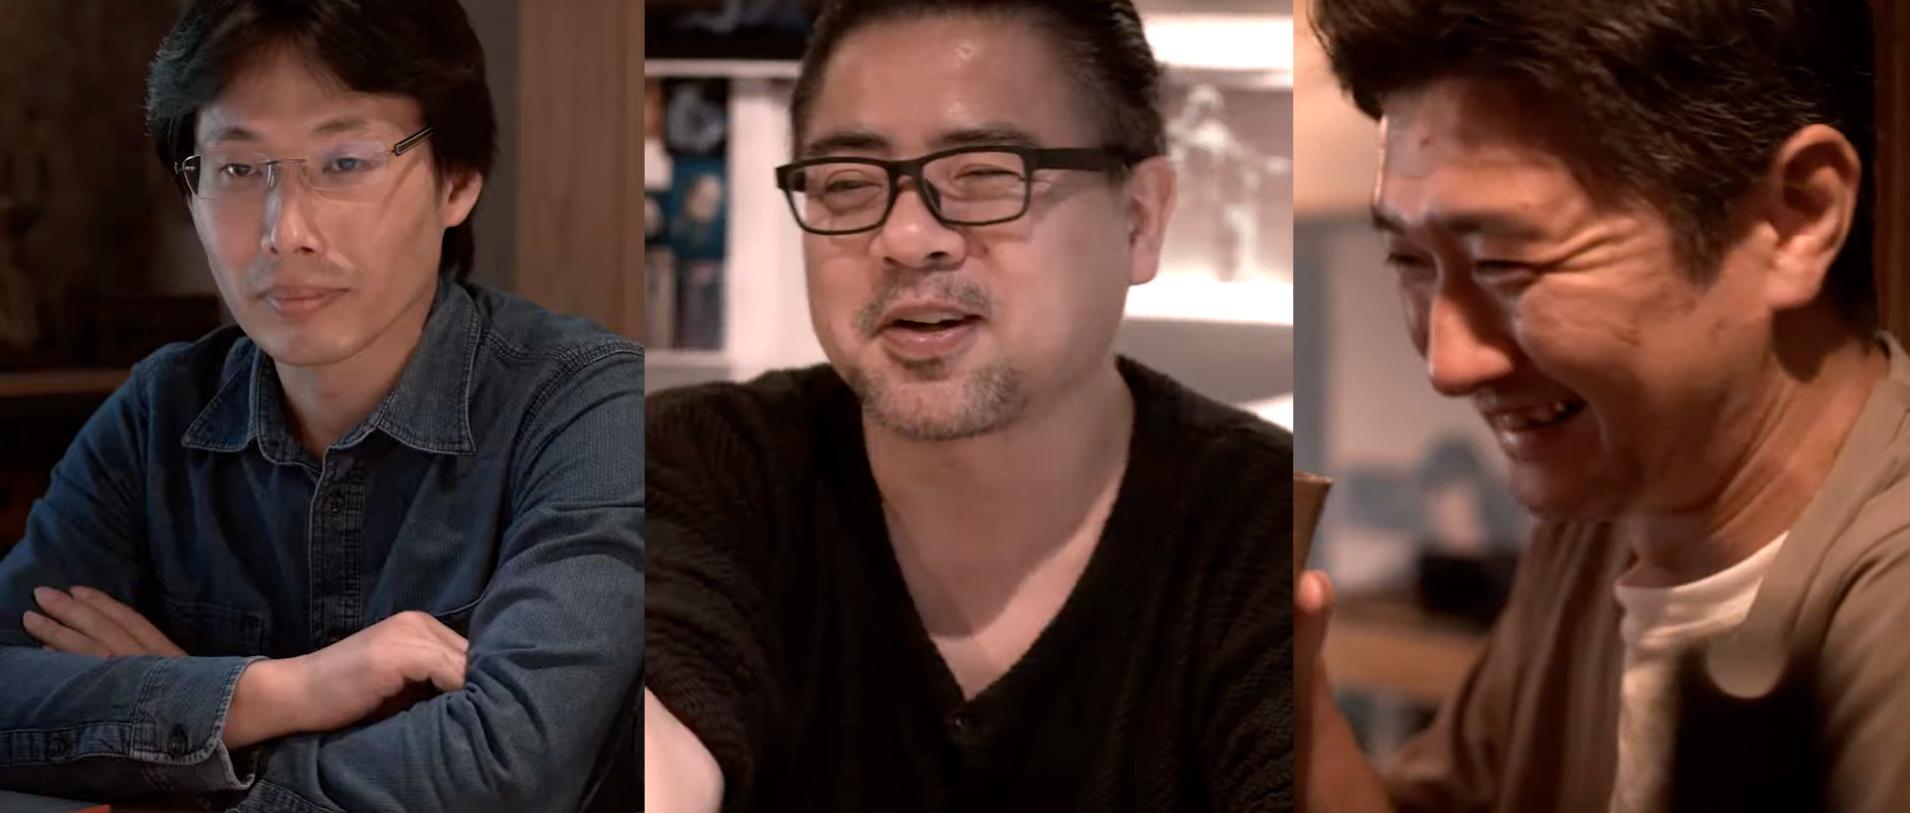 Junya Okura - Keiichiro Toyama - Kazunobu Sato - Bokeh Game Studio